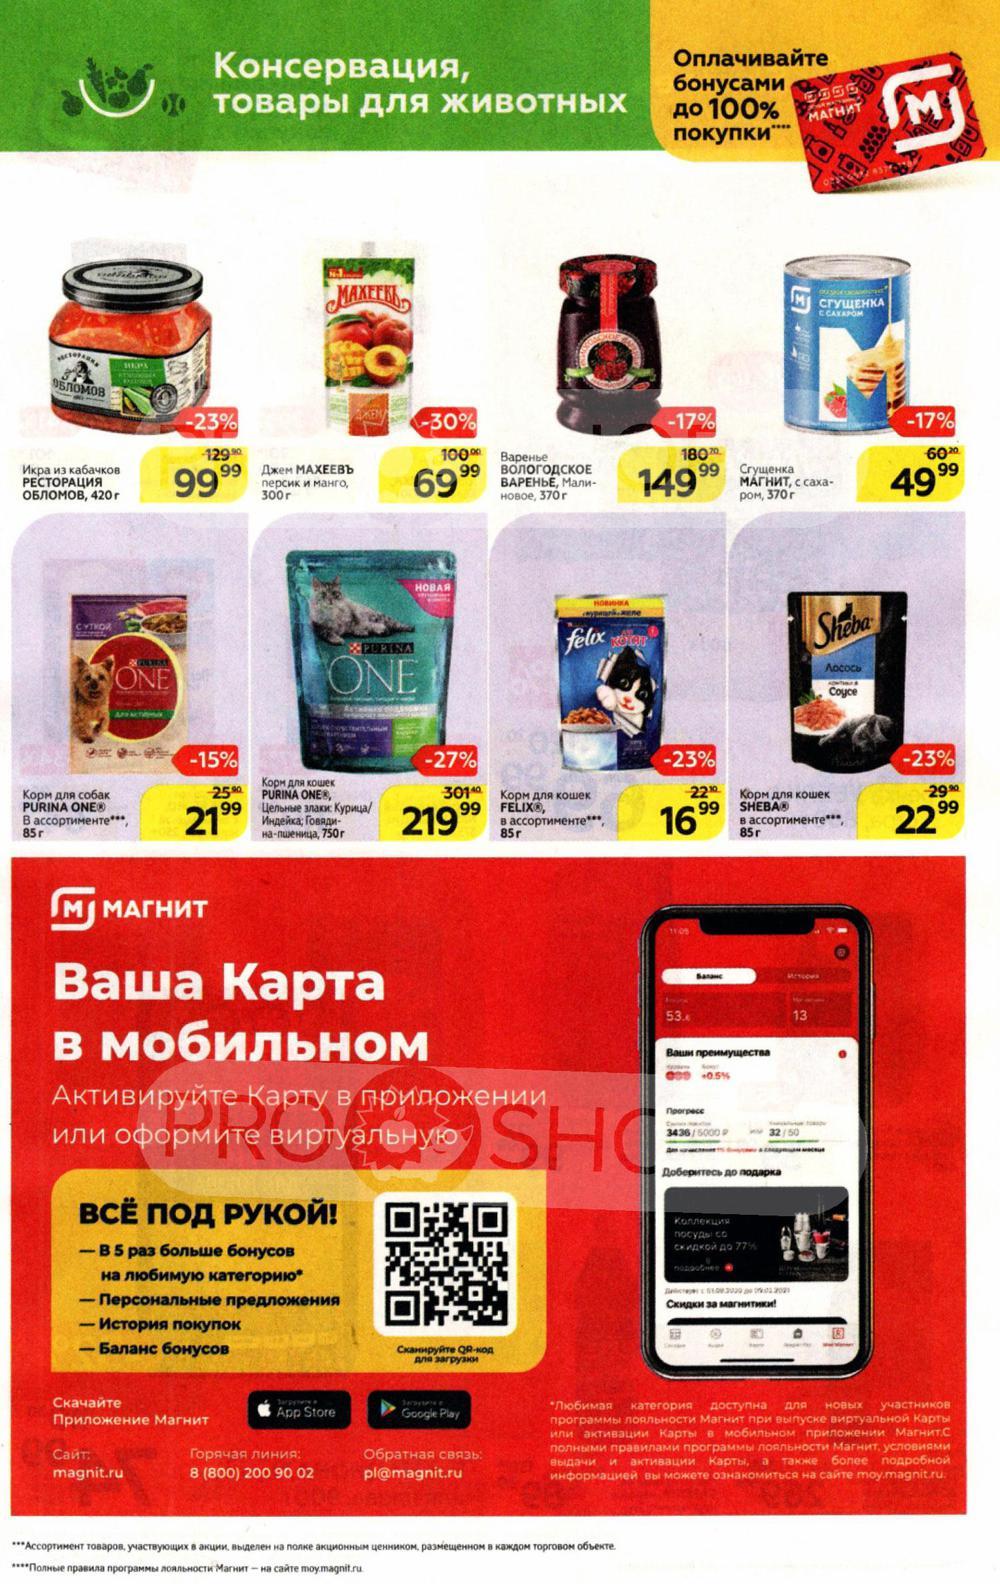 косметика плеяна официальный сайт каталог цены отзывы